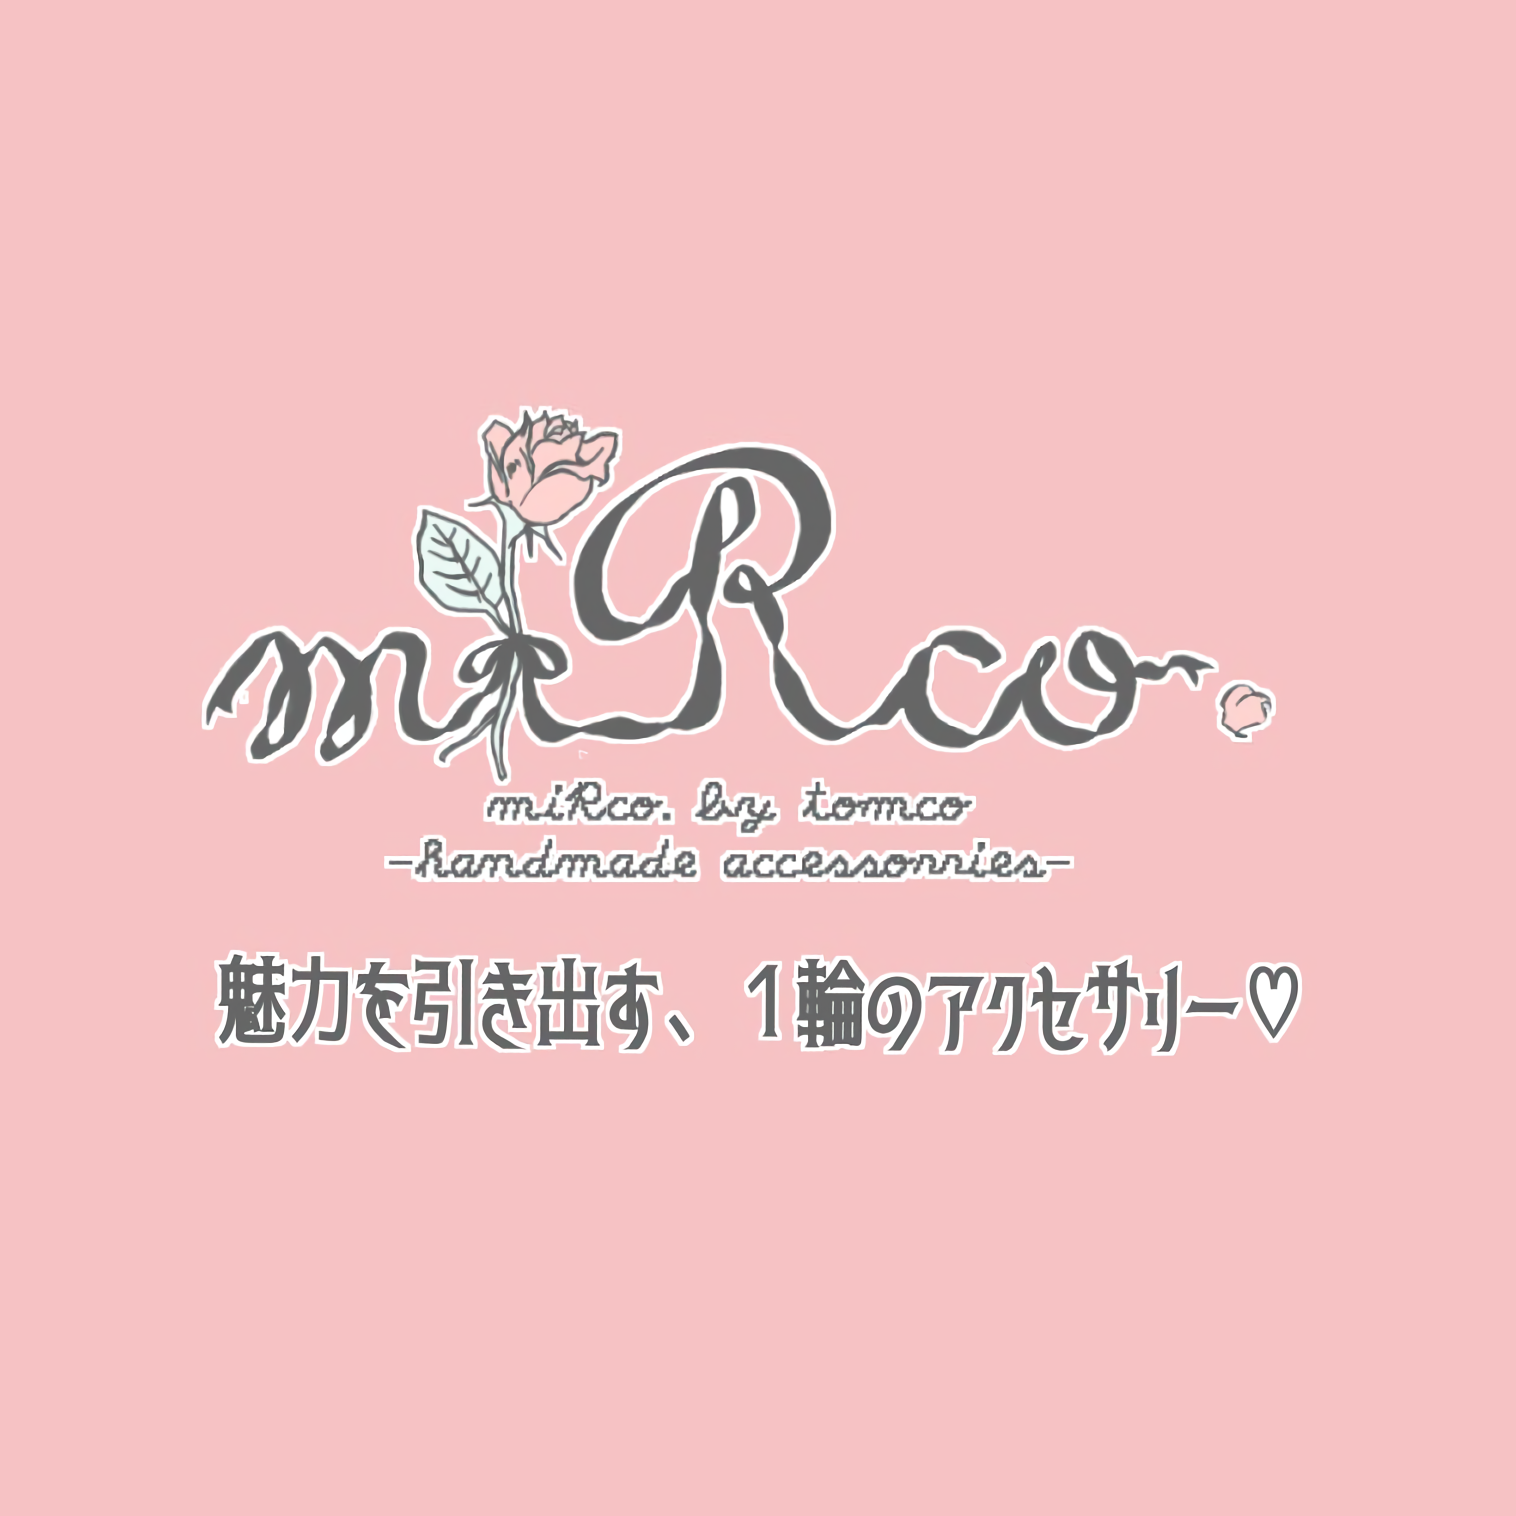 miRco.